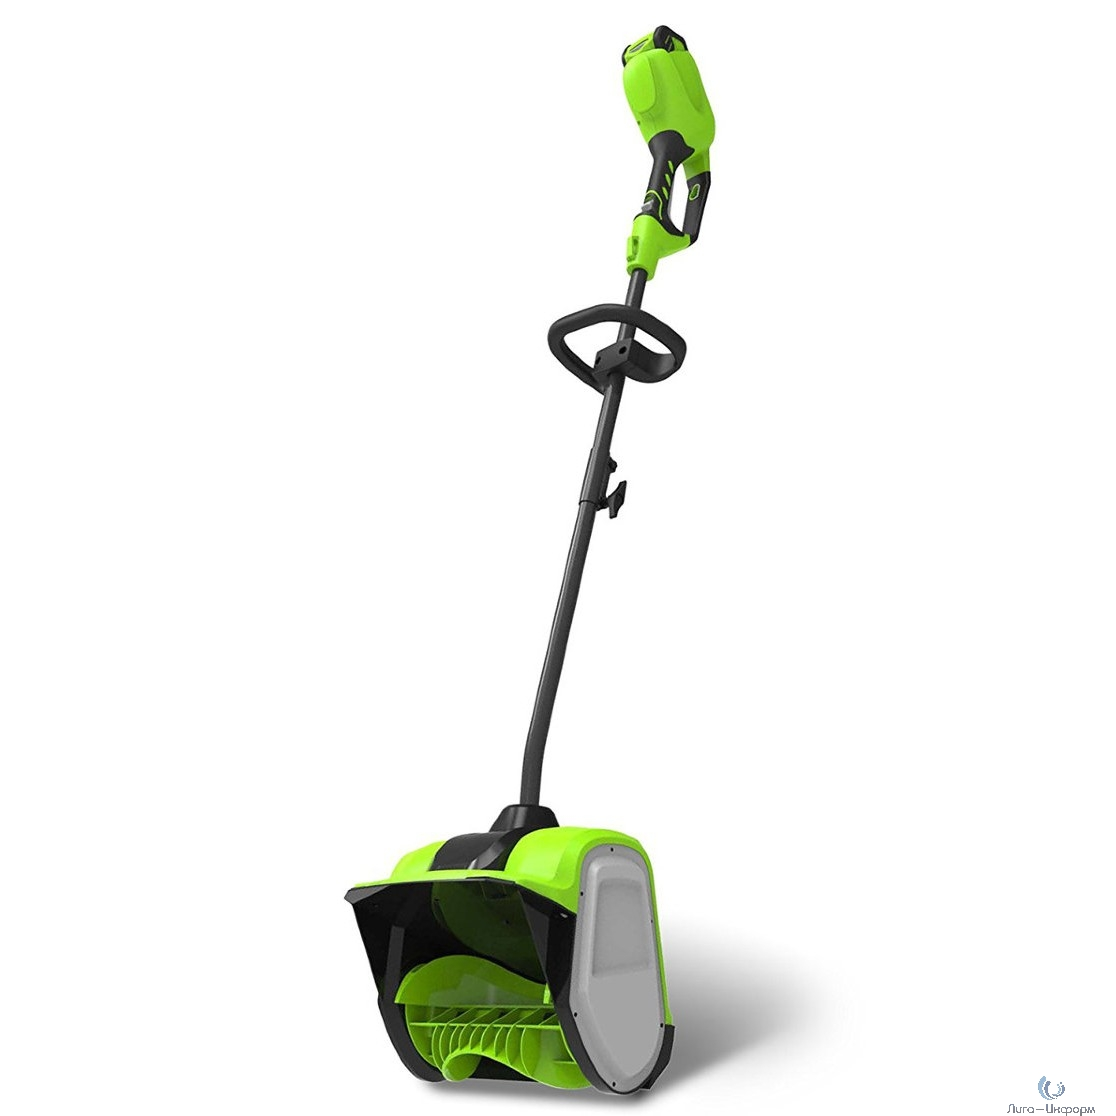 Greenworks Снегоуборщик аккумуляторный GD40SSK2, {40V, 30 см, бесщеточный, с 1хАКБ 2 А.ч и ЗУ} [2600807UA]